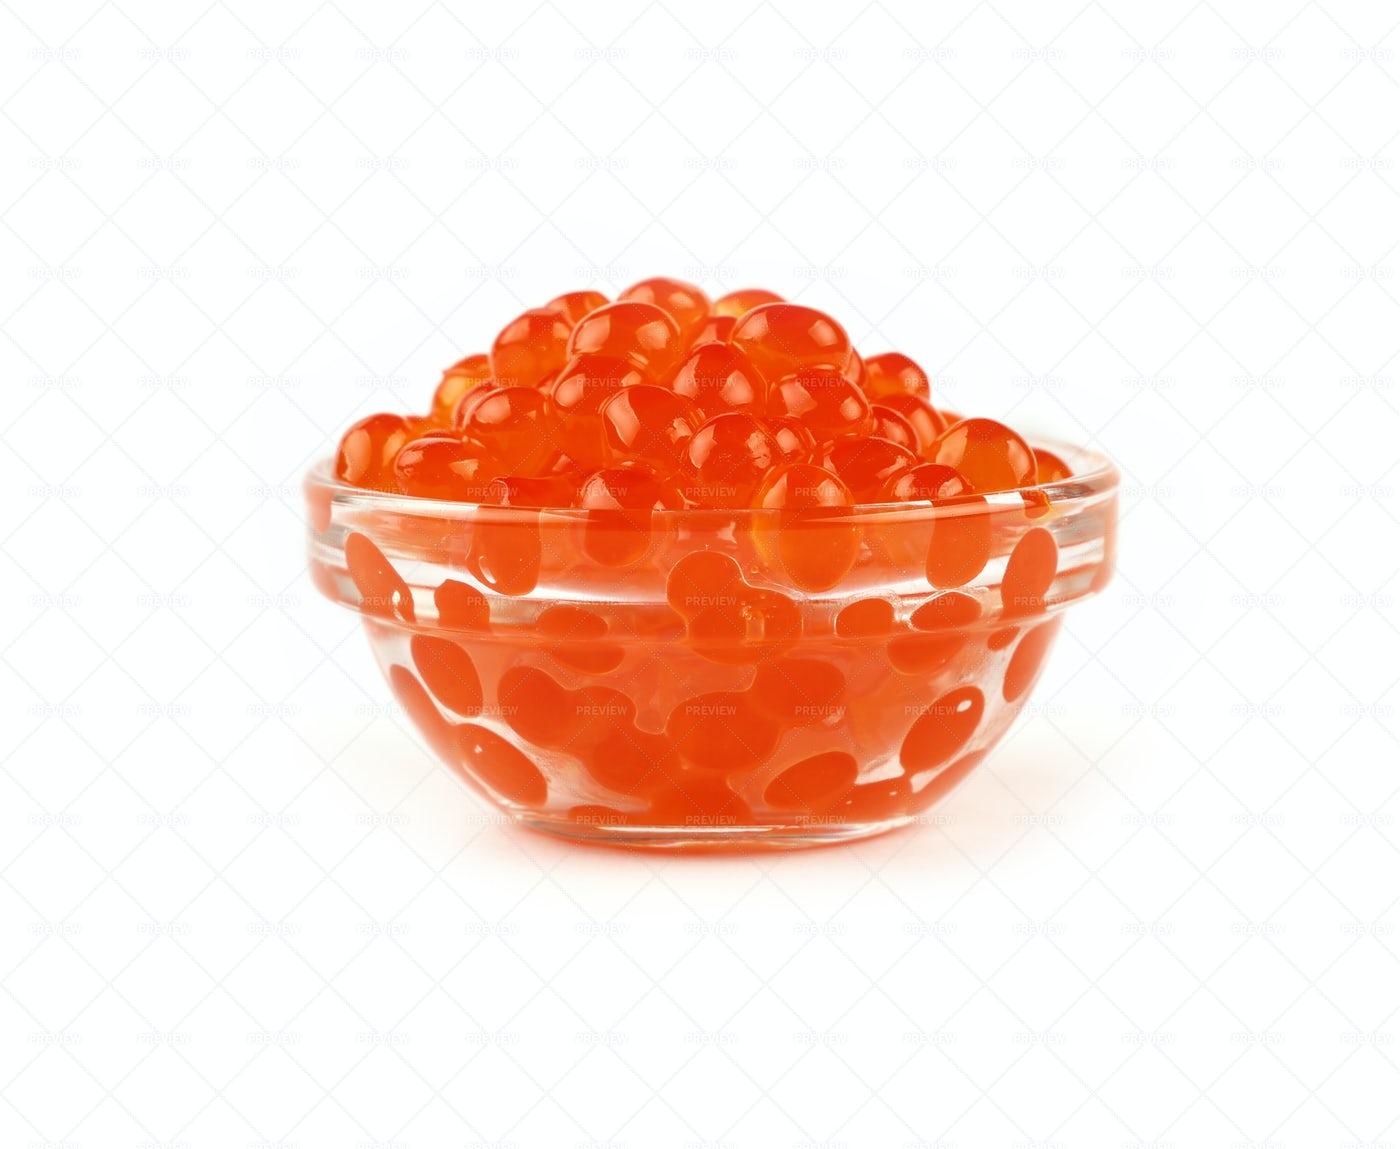 Red Salmon Caviar: Stock Photos